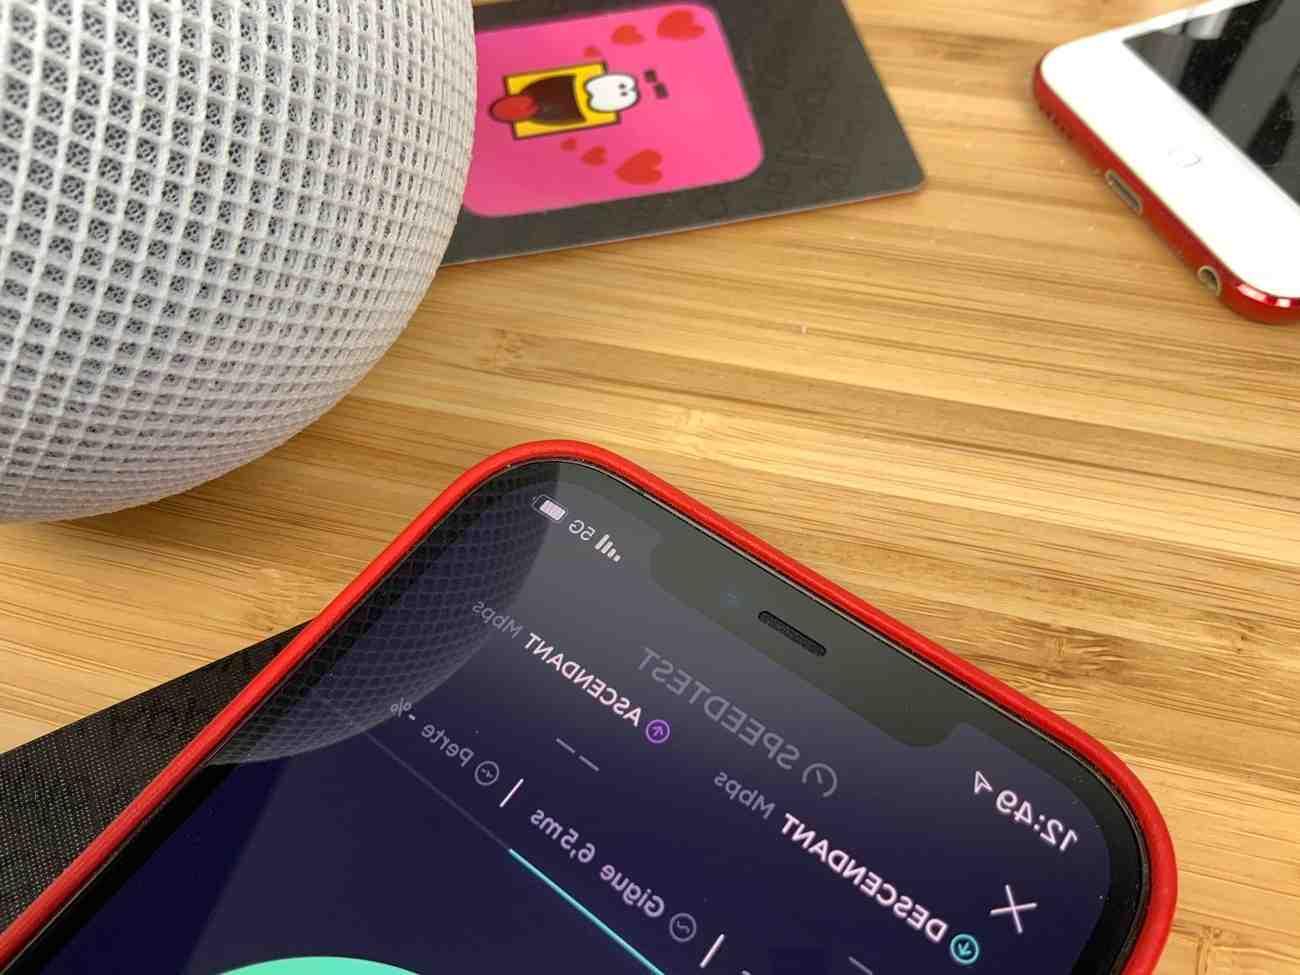 L'iphone 8 plus peut-il utiliser 5g